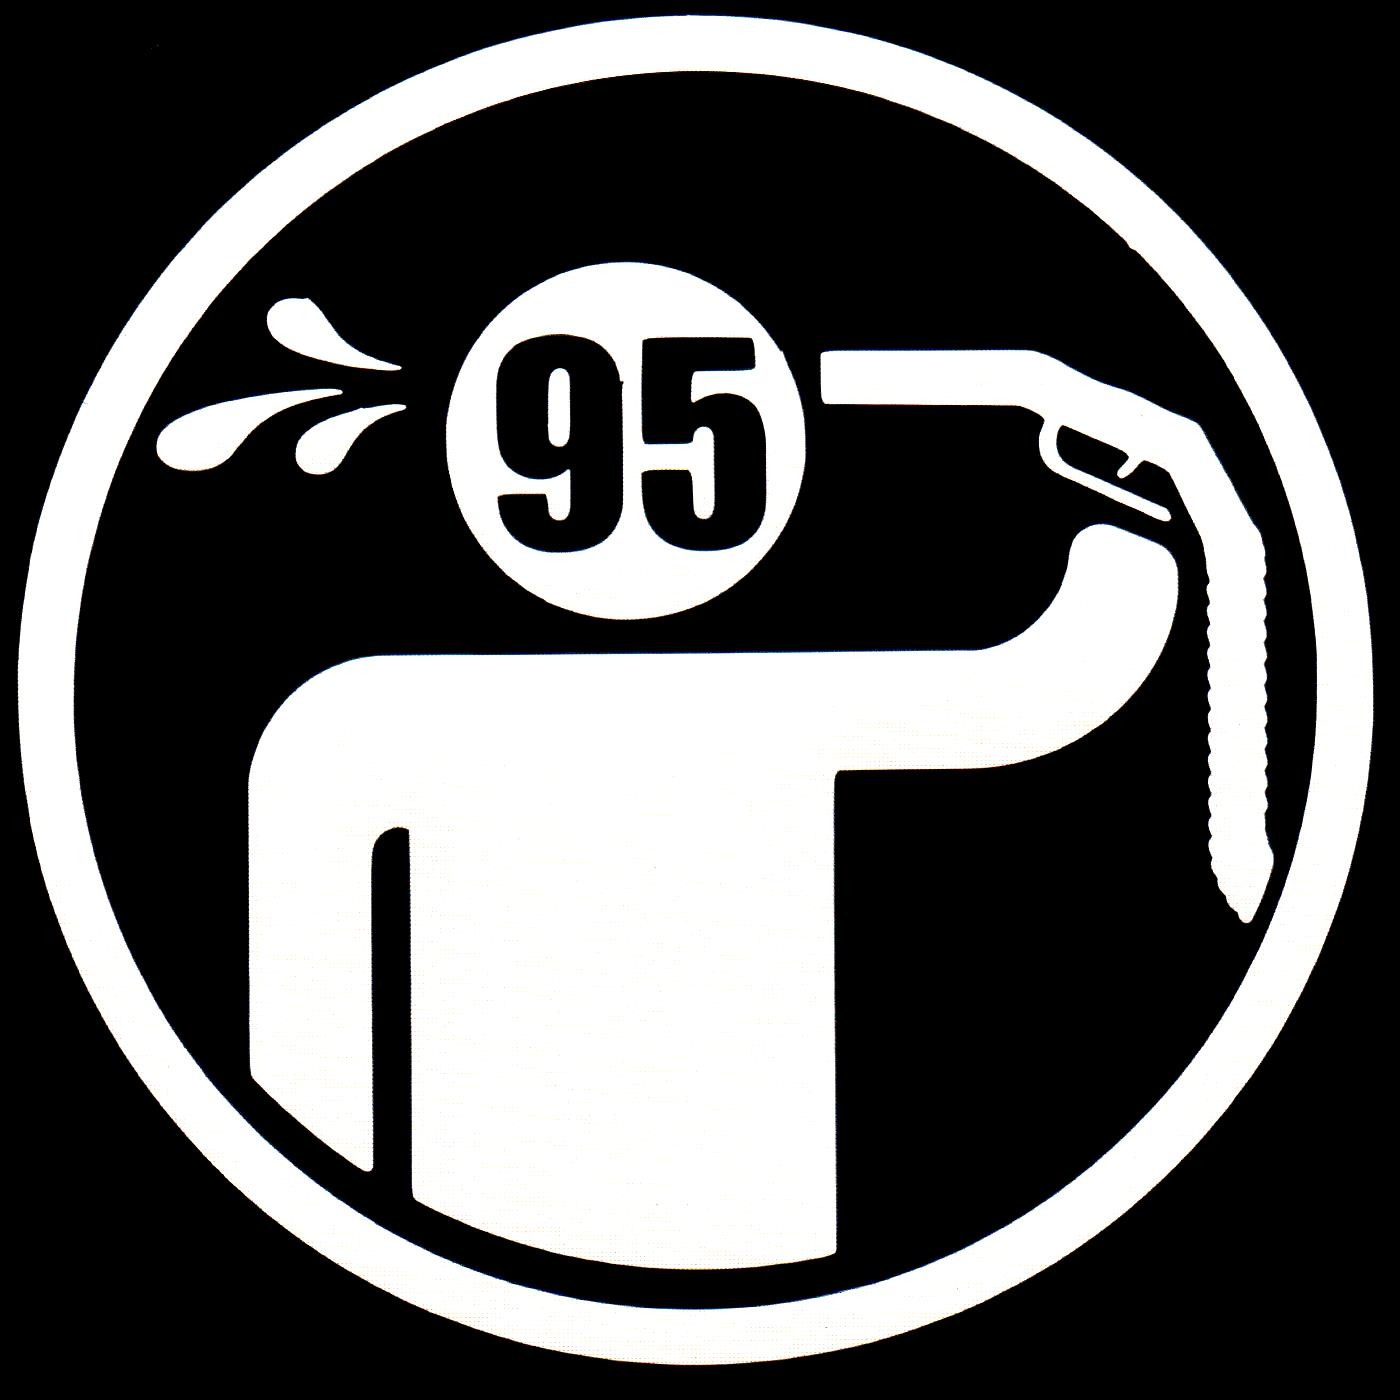 Наклейка автомобильная Mashinokom Цена АИ-95, VRC 015-13, 11,5*11,5 см наклейка автомобильная decoretto великая отечественная виниловая 37 х 50 см